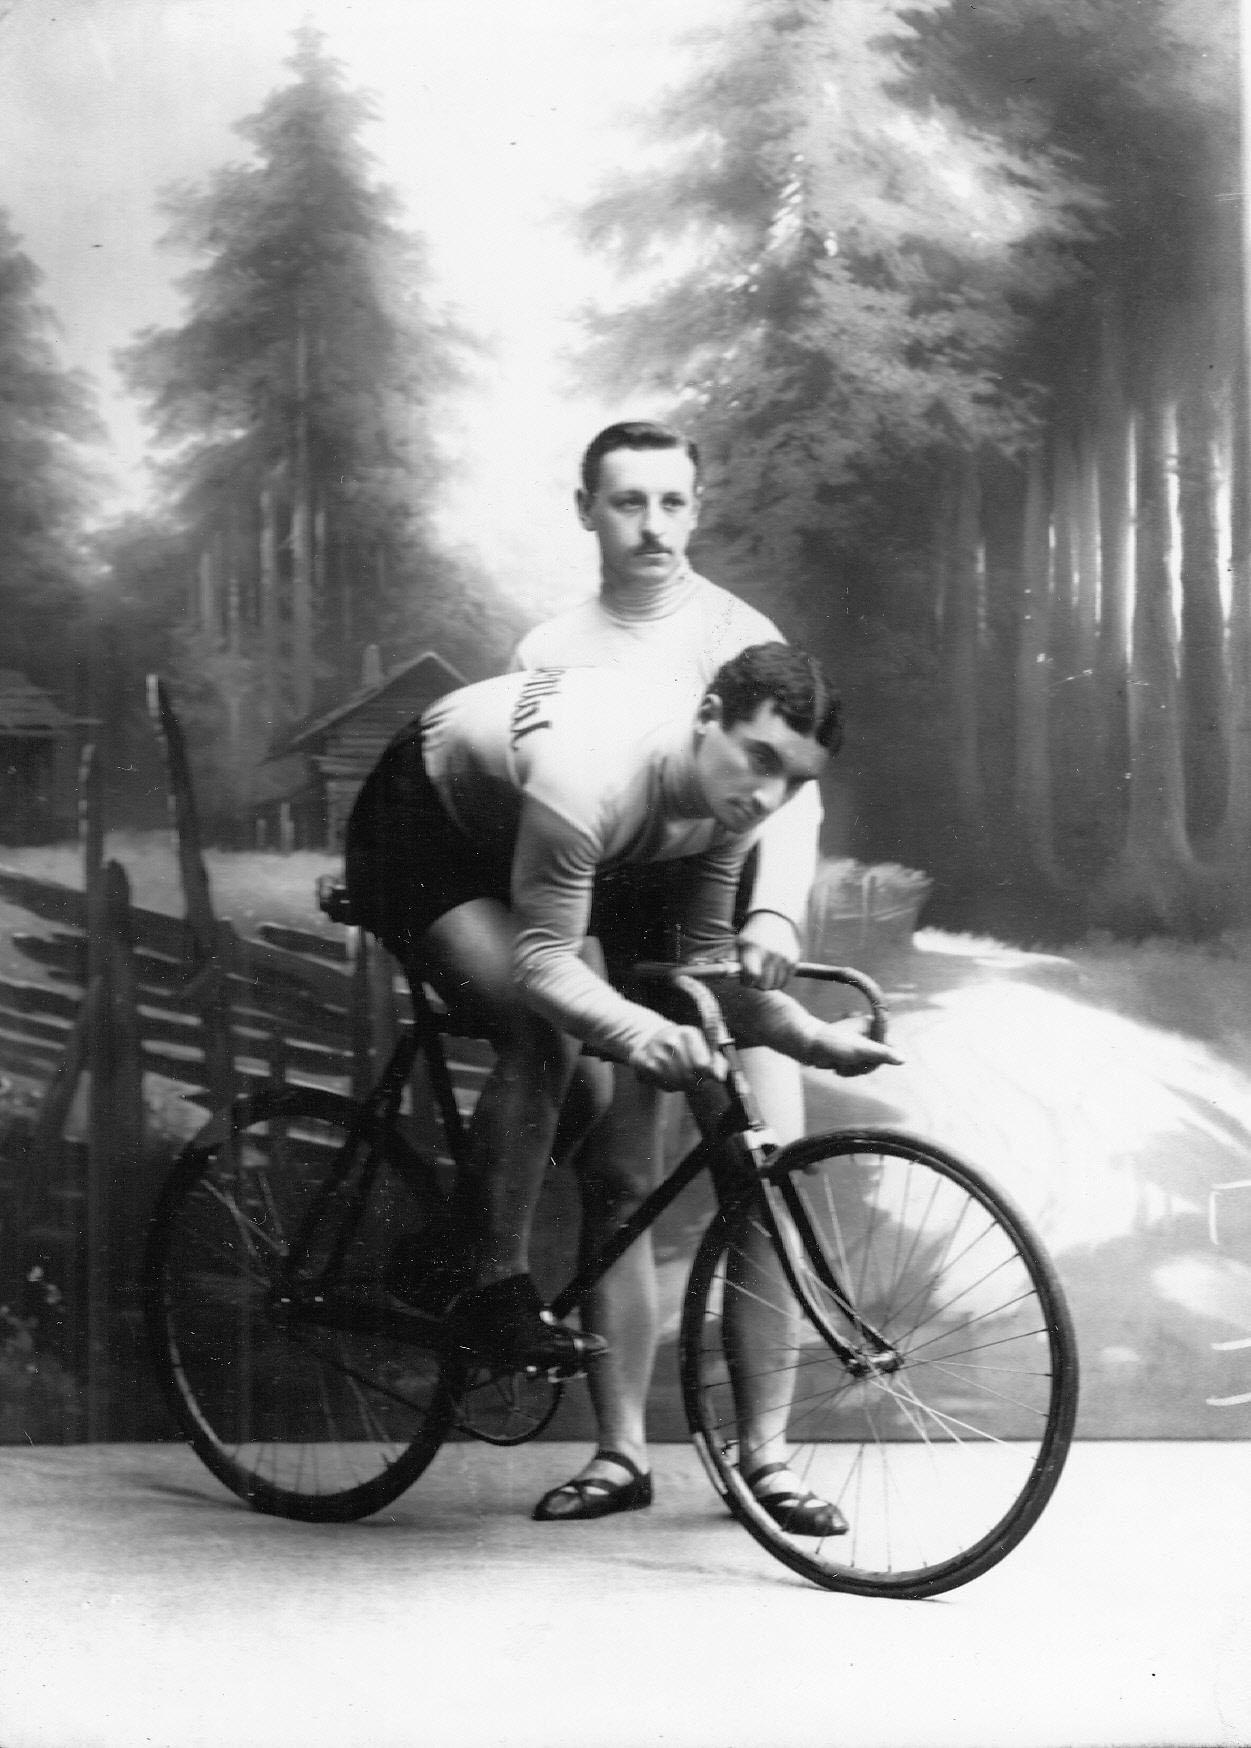 Участники велогонок гонщики Полидулис (сидит на велосипеде) и Гацук (стоит_